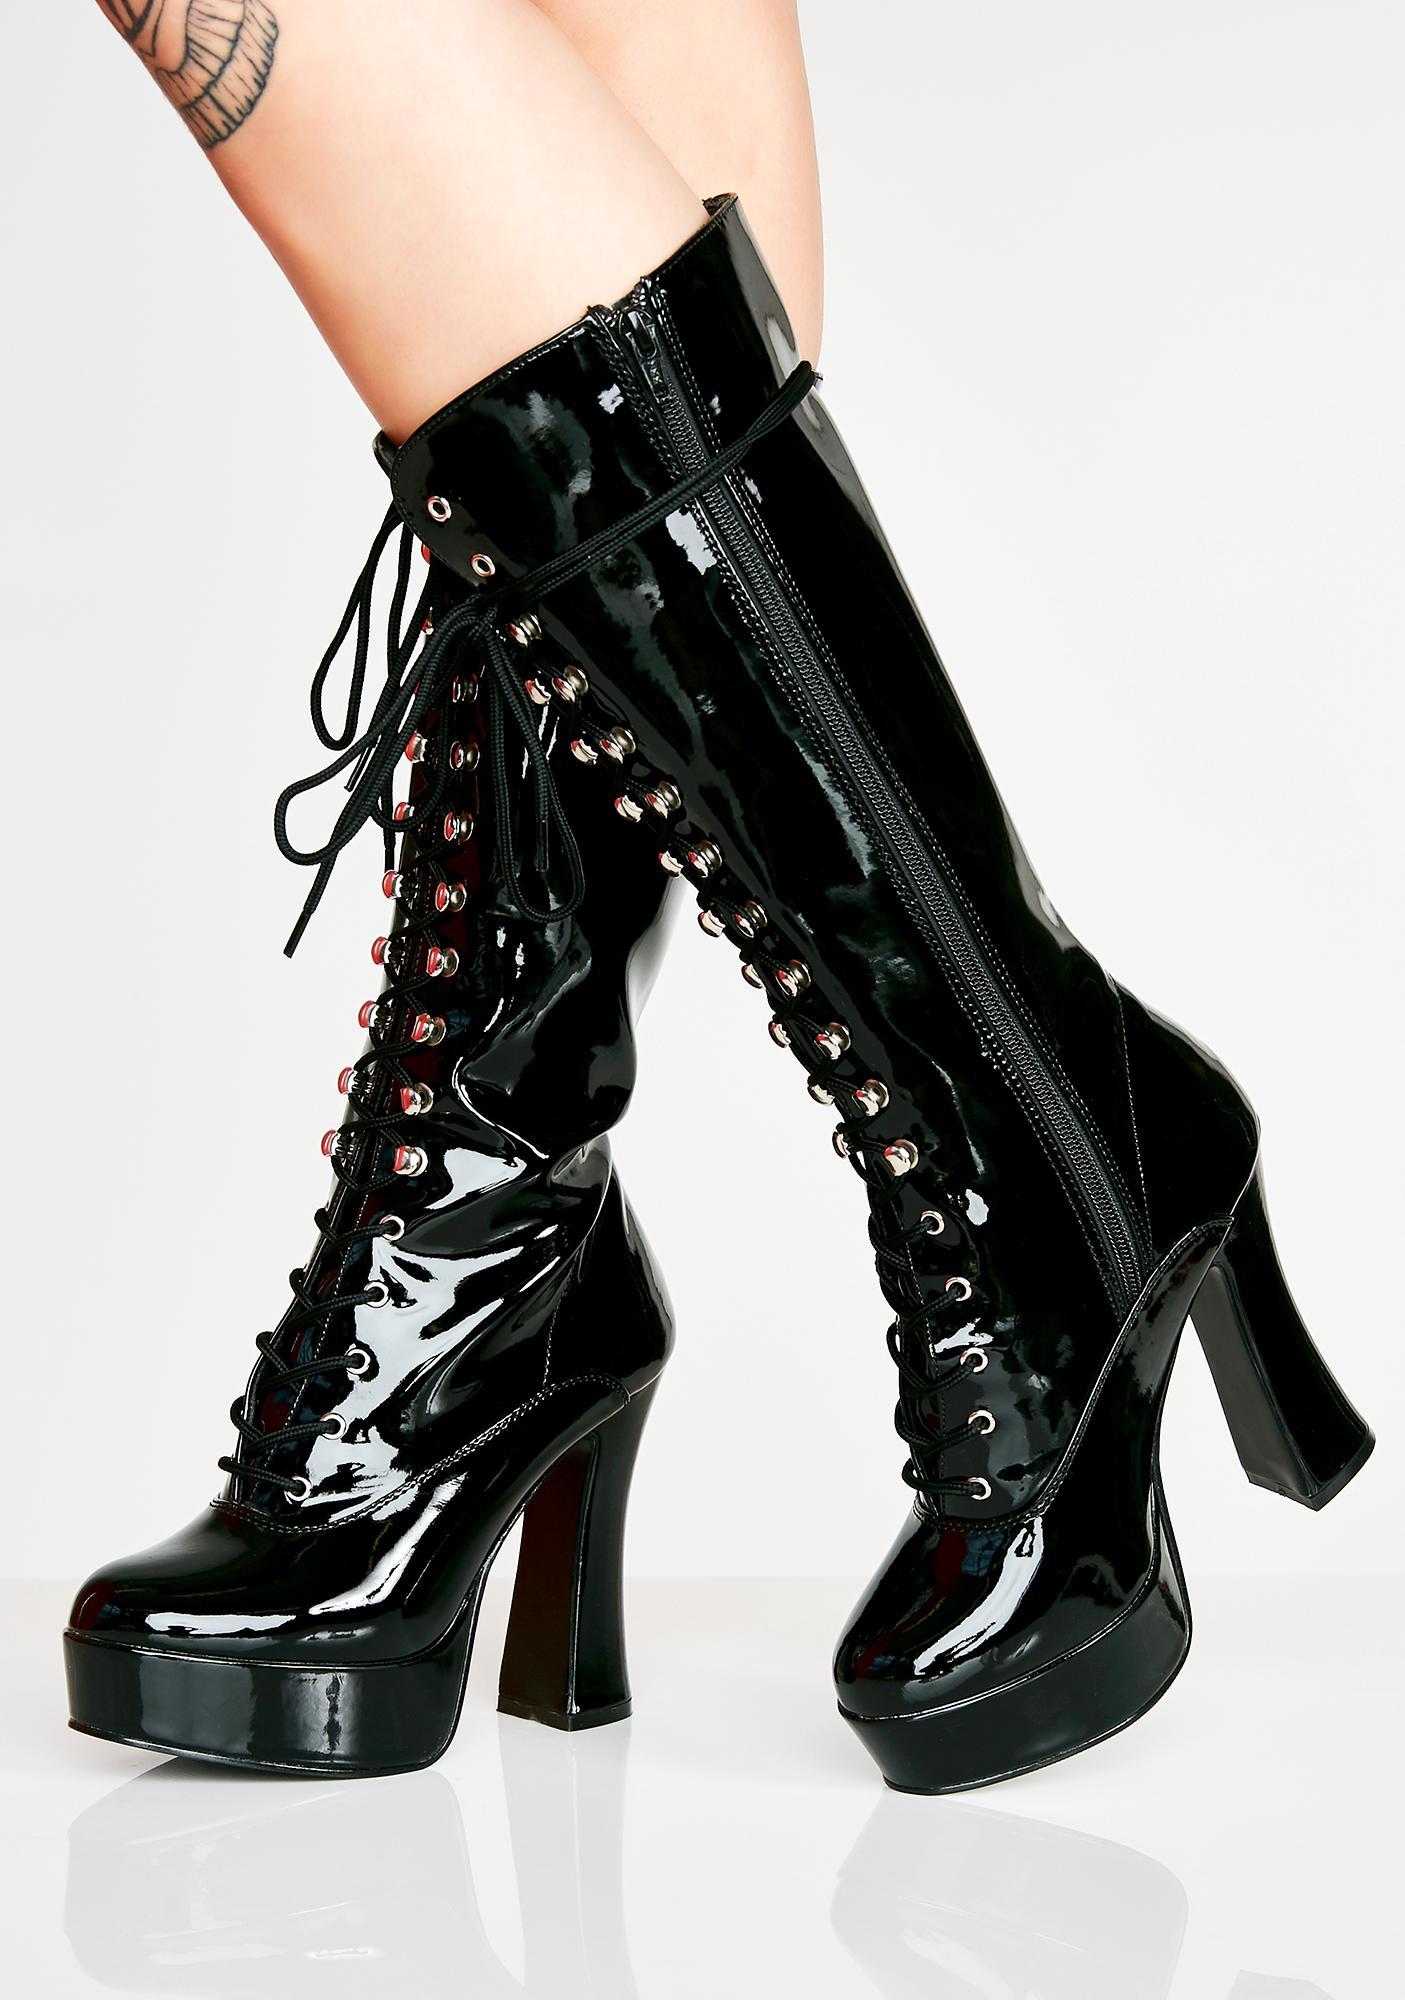 Pleaser Hundreds Only Exotica Platform Boots